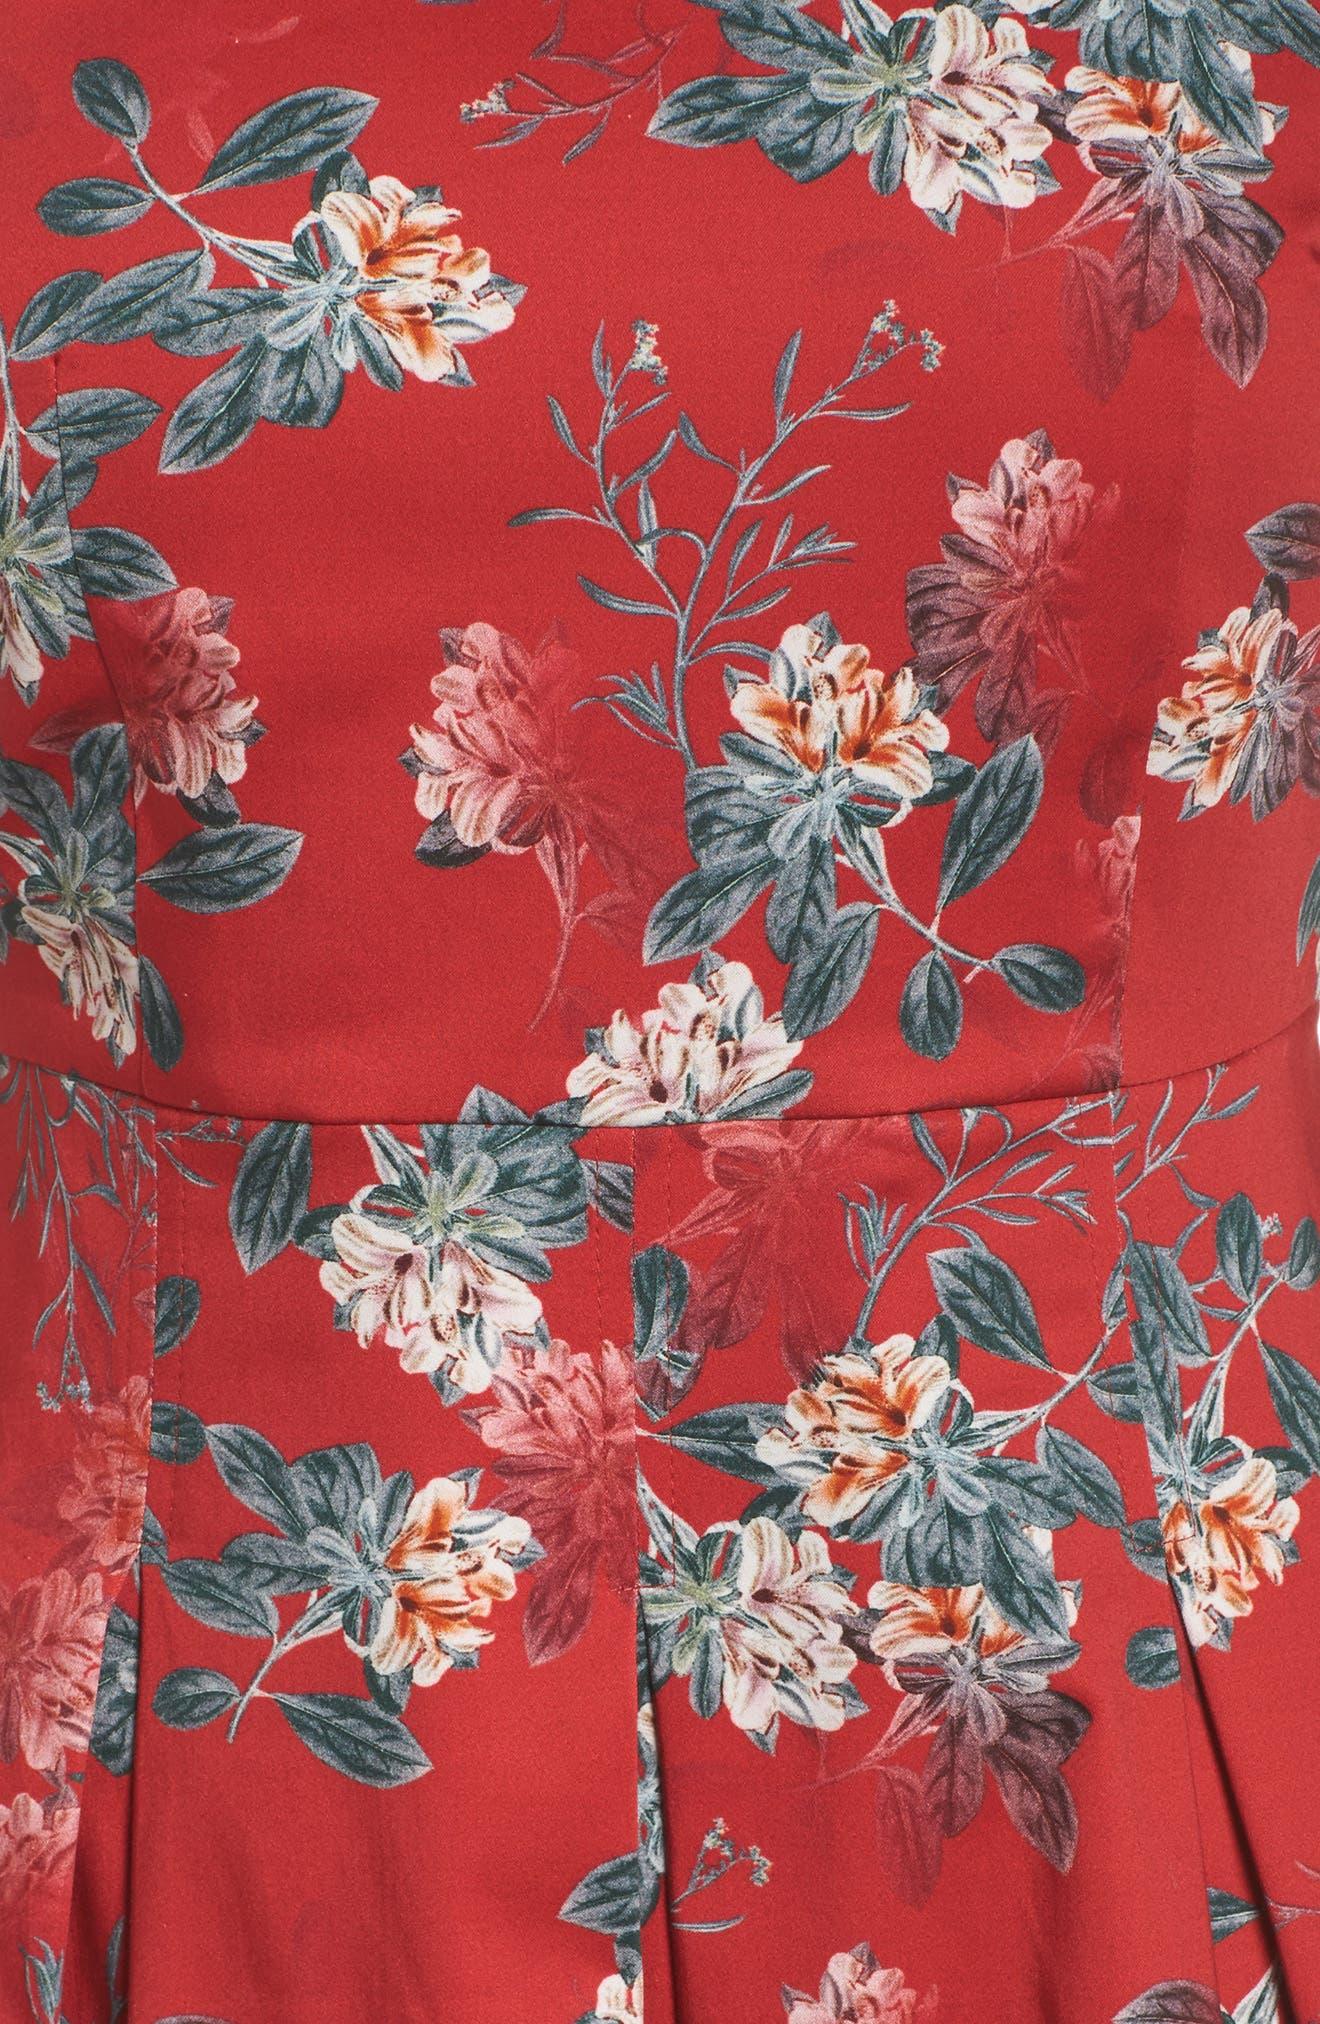 Kioa Fit & Flare Dress,                             Alternate thumbnail 7, color,